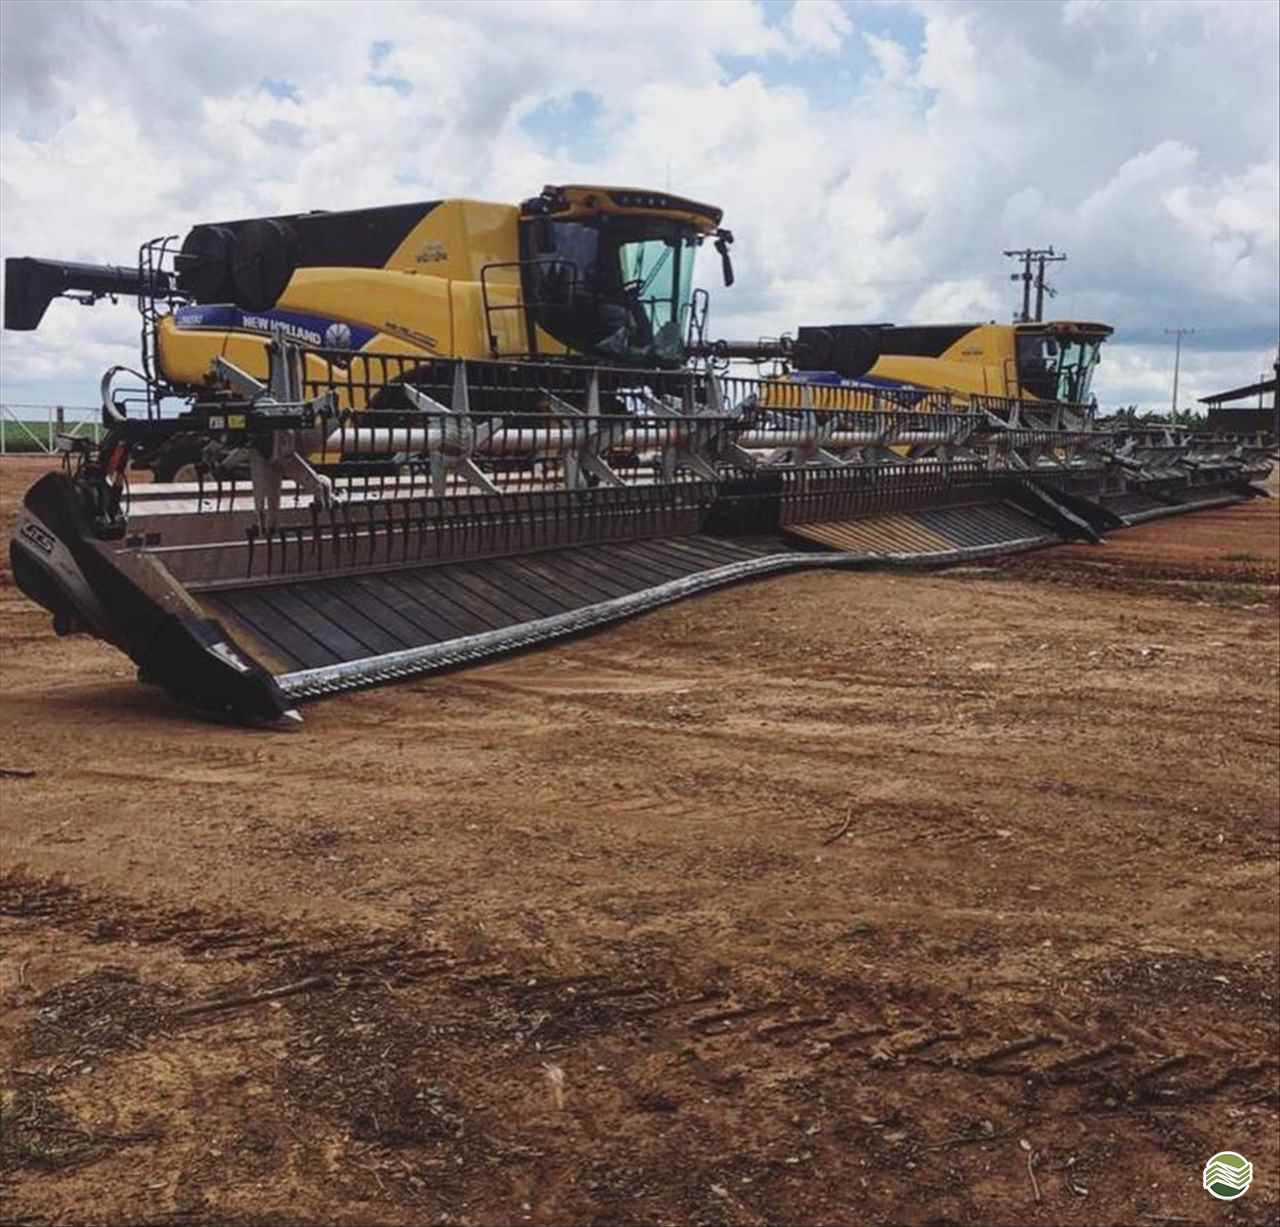 FLEXDRAPER DS50 de Gama Máquinas Agrícolas - RIO VERDE/GO